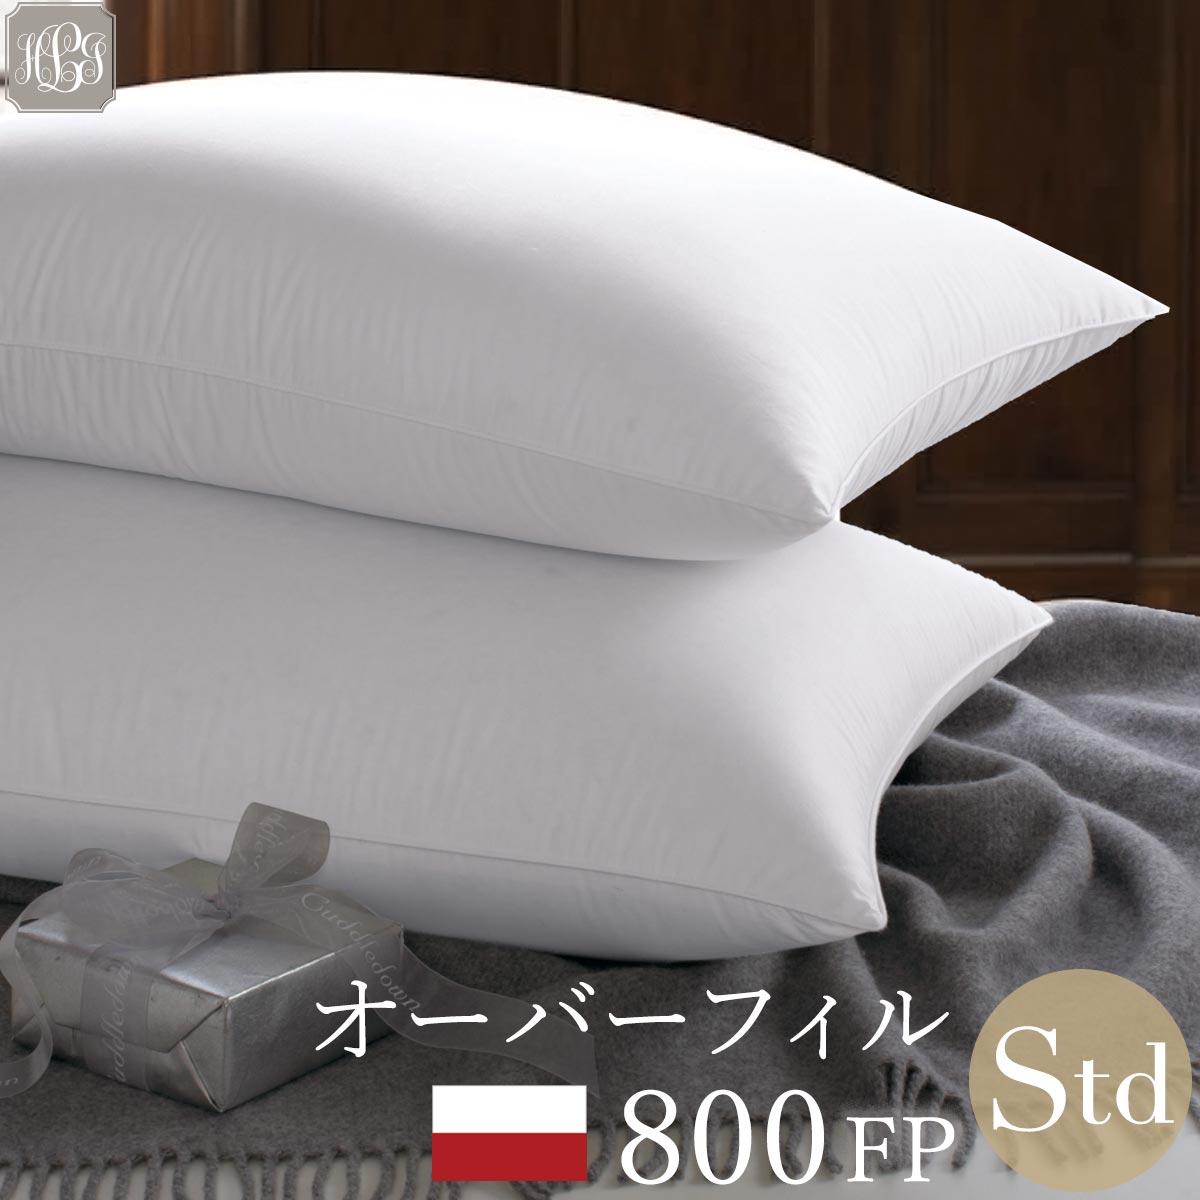 羽毛枕 スタンダード 50cmx66cm オーバーフィル 800フィルパワーポーランド産ホワイトマザーグースダウンピロー 送料無料